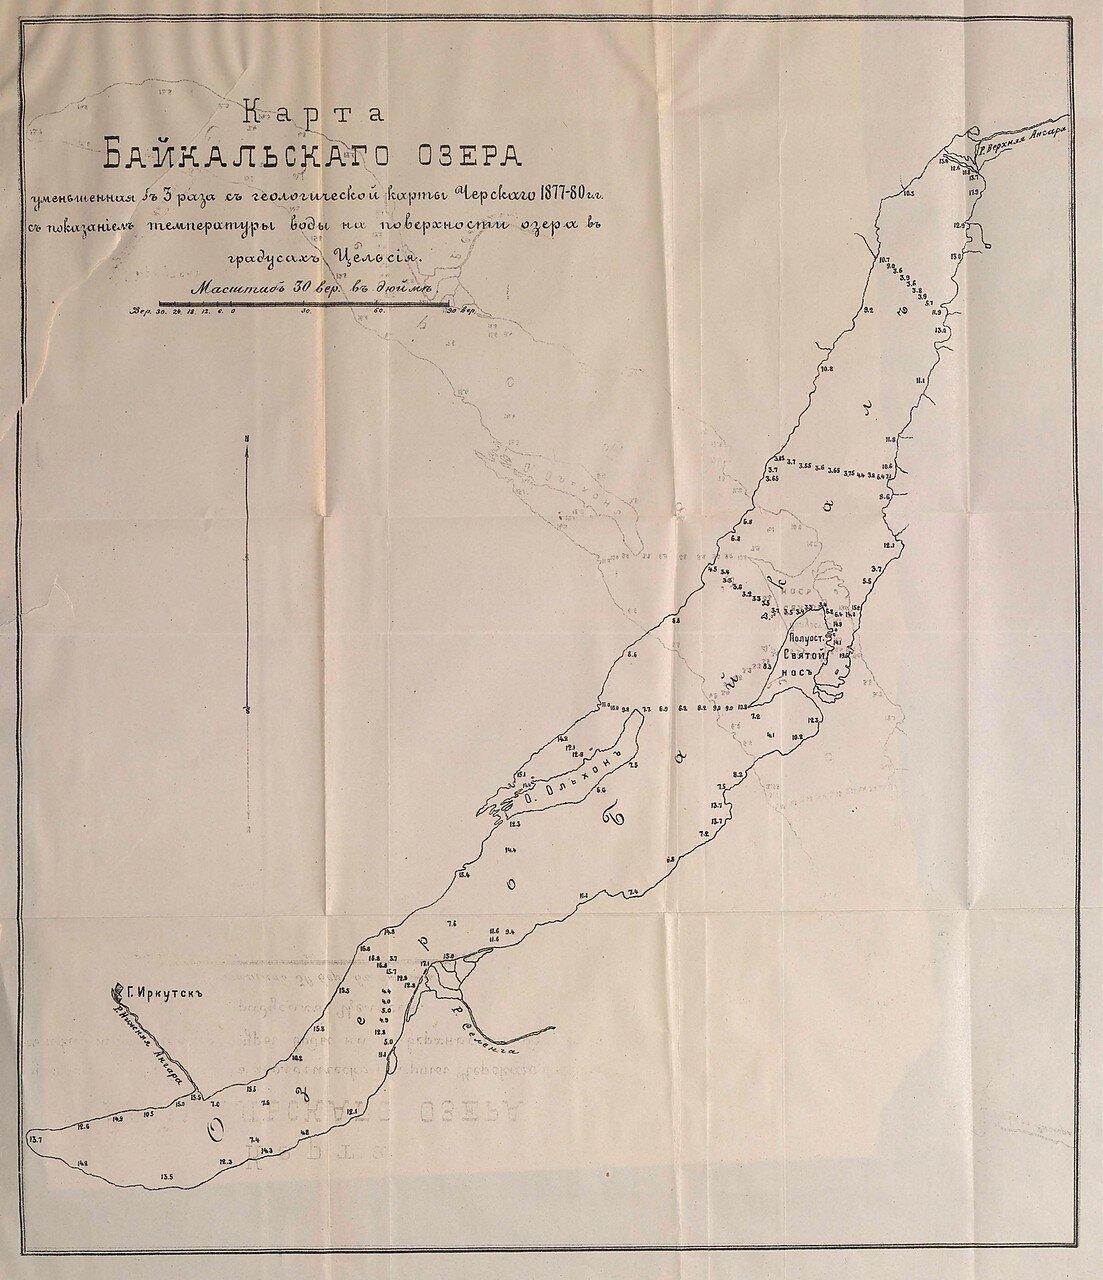 03. Карта Байкальского озера с геологической карты Черского, 1877-1880 гг.